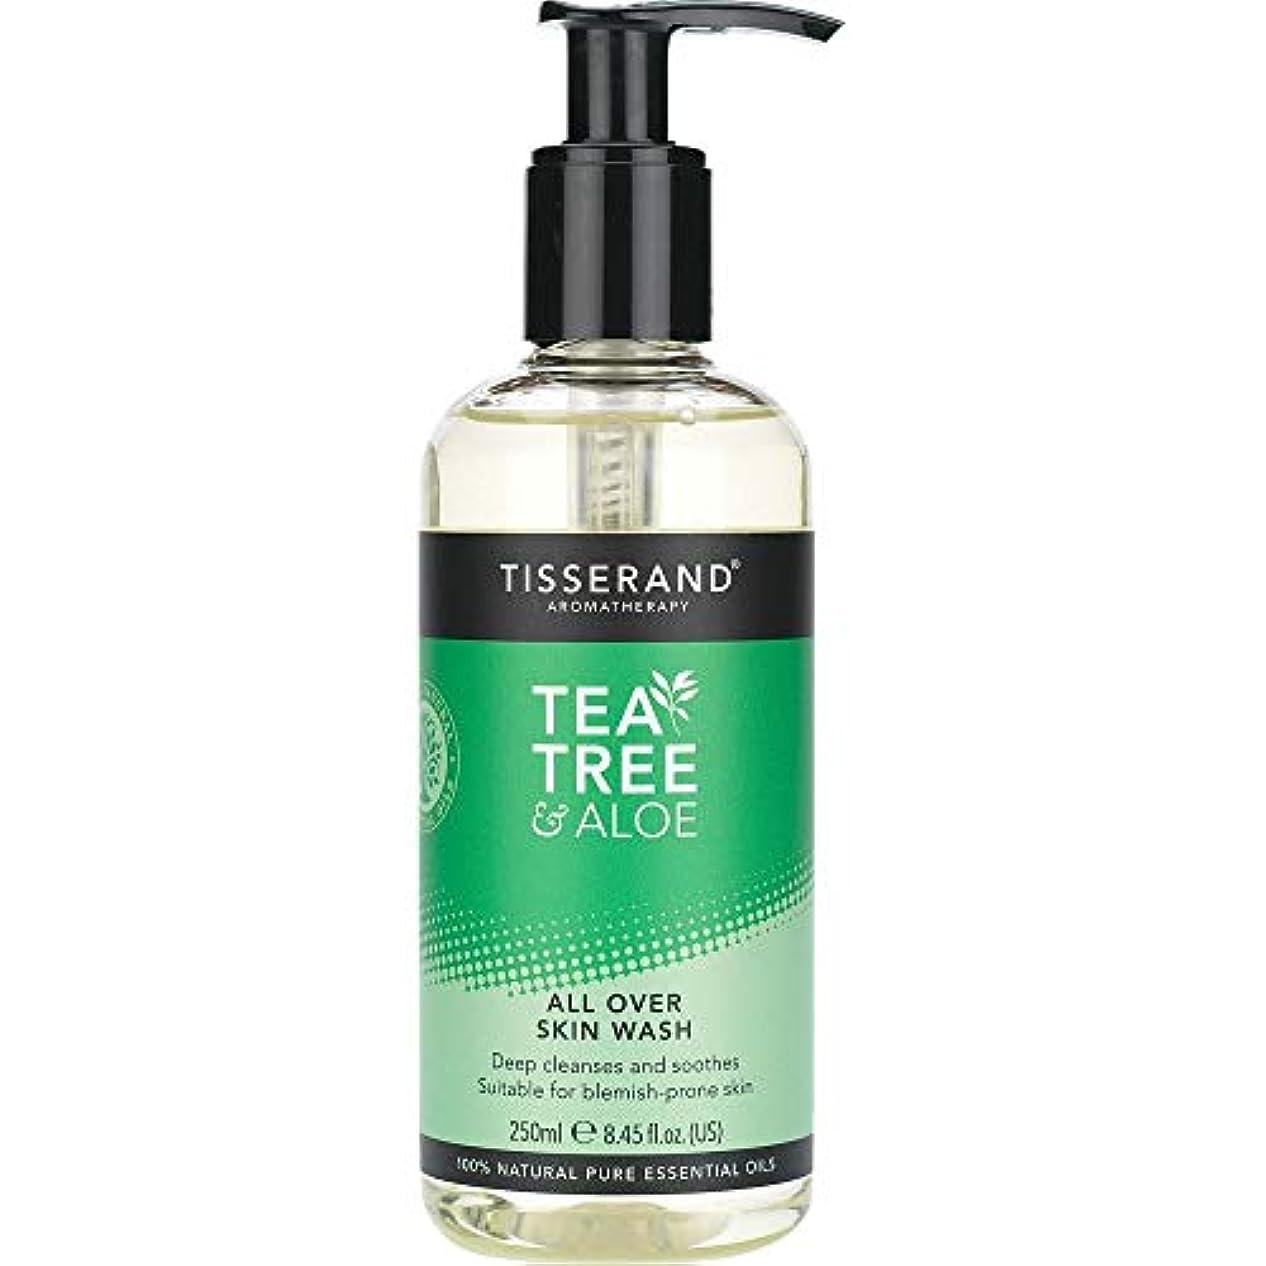 チーフ地震キャンセル[Tisserand] すべての肌ウォッシュ250ミリリットルを超えるティスランドティーツリー&アロエ - Tisserand Tea Tree & Aloe All Over Skin Wash 250ml [並行輸入品]